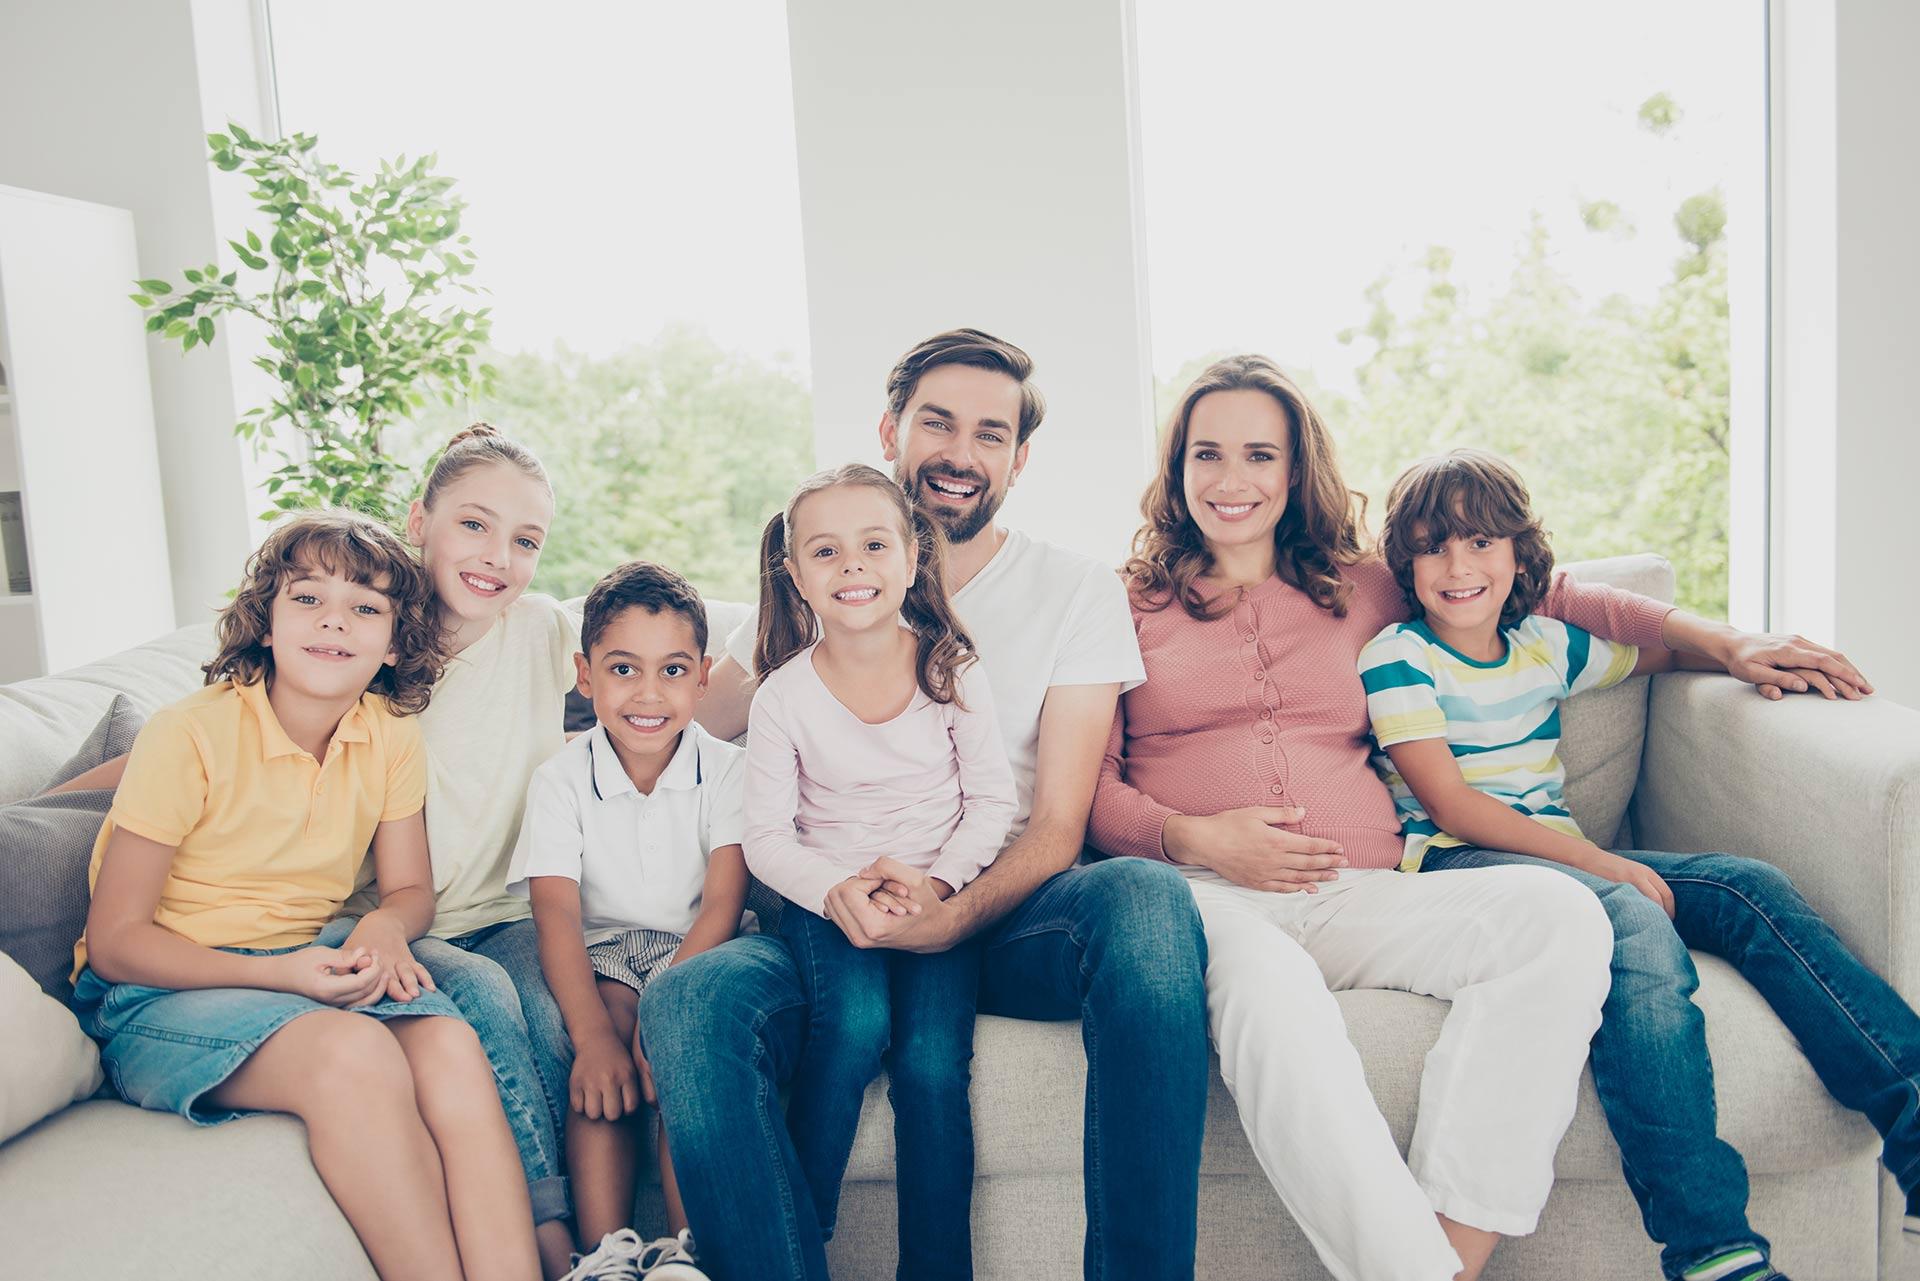 famille à géométrie variable